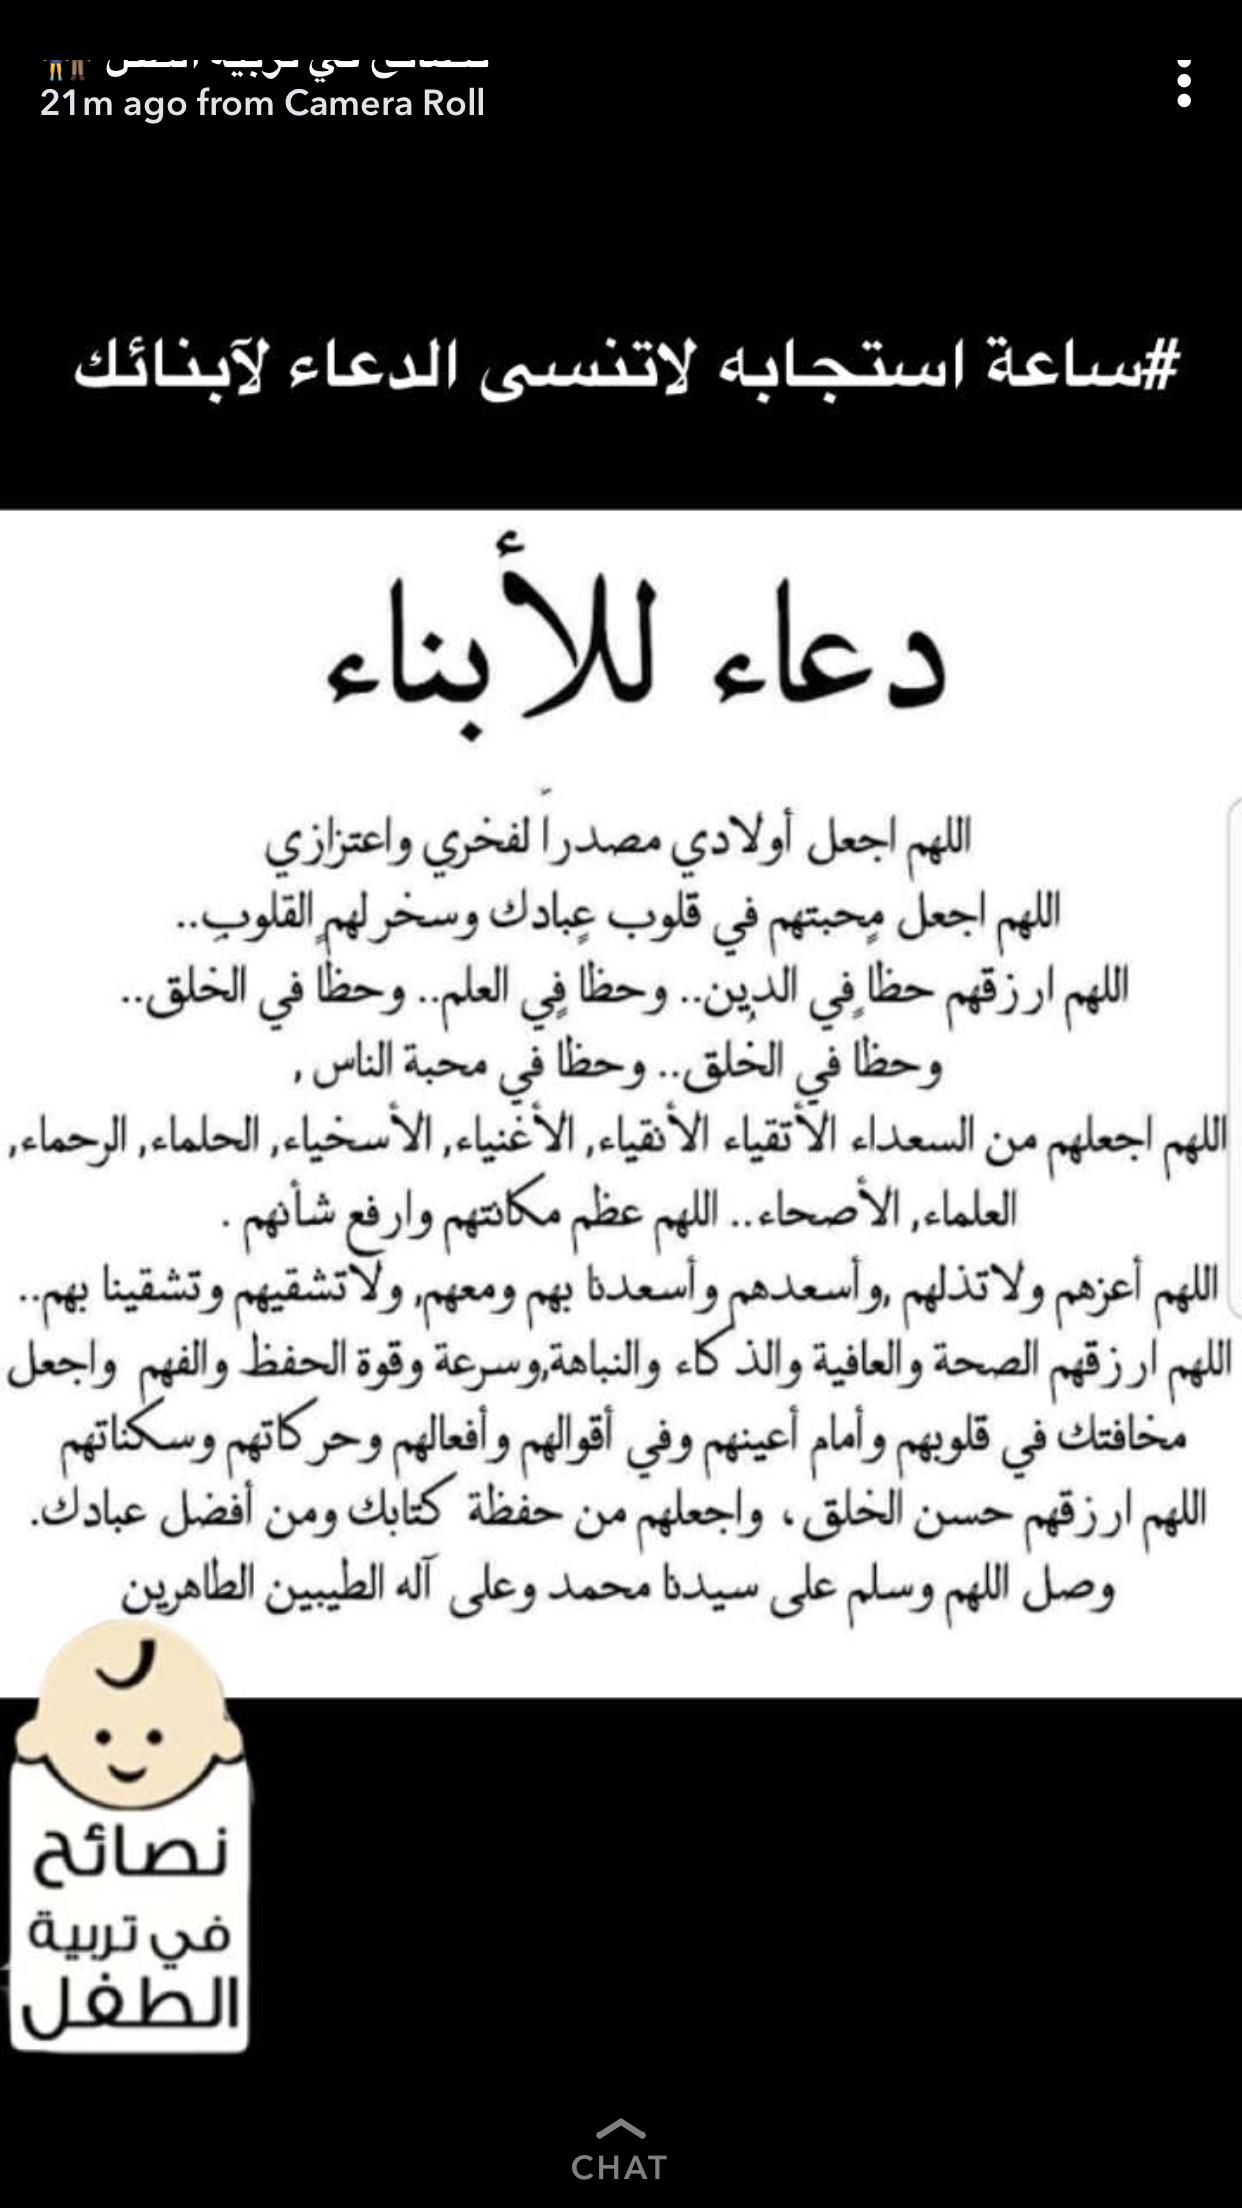 Pin By Esraa Al Askar On روائع الكلام Math Camera Roll